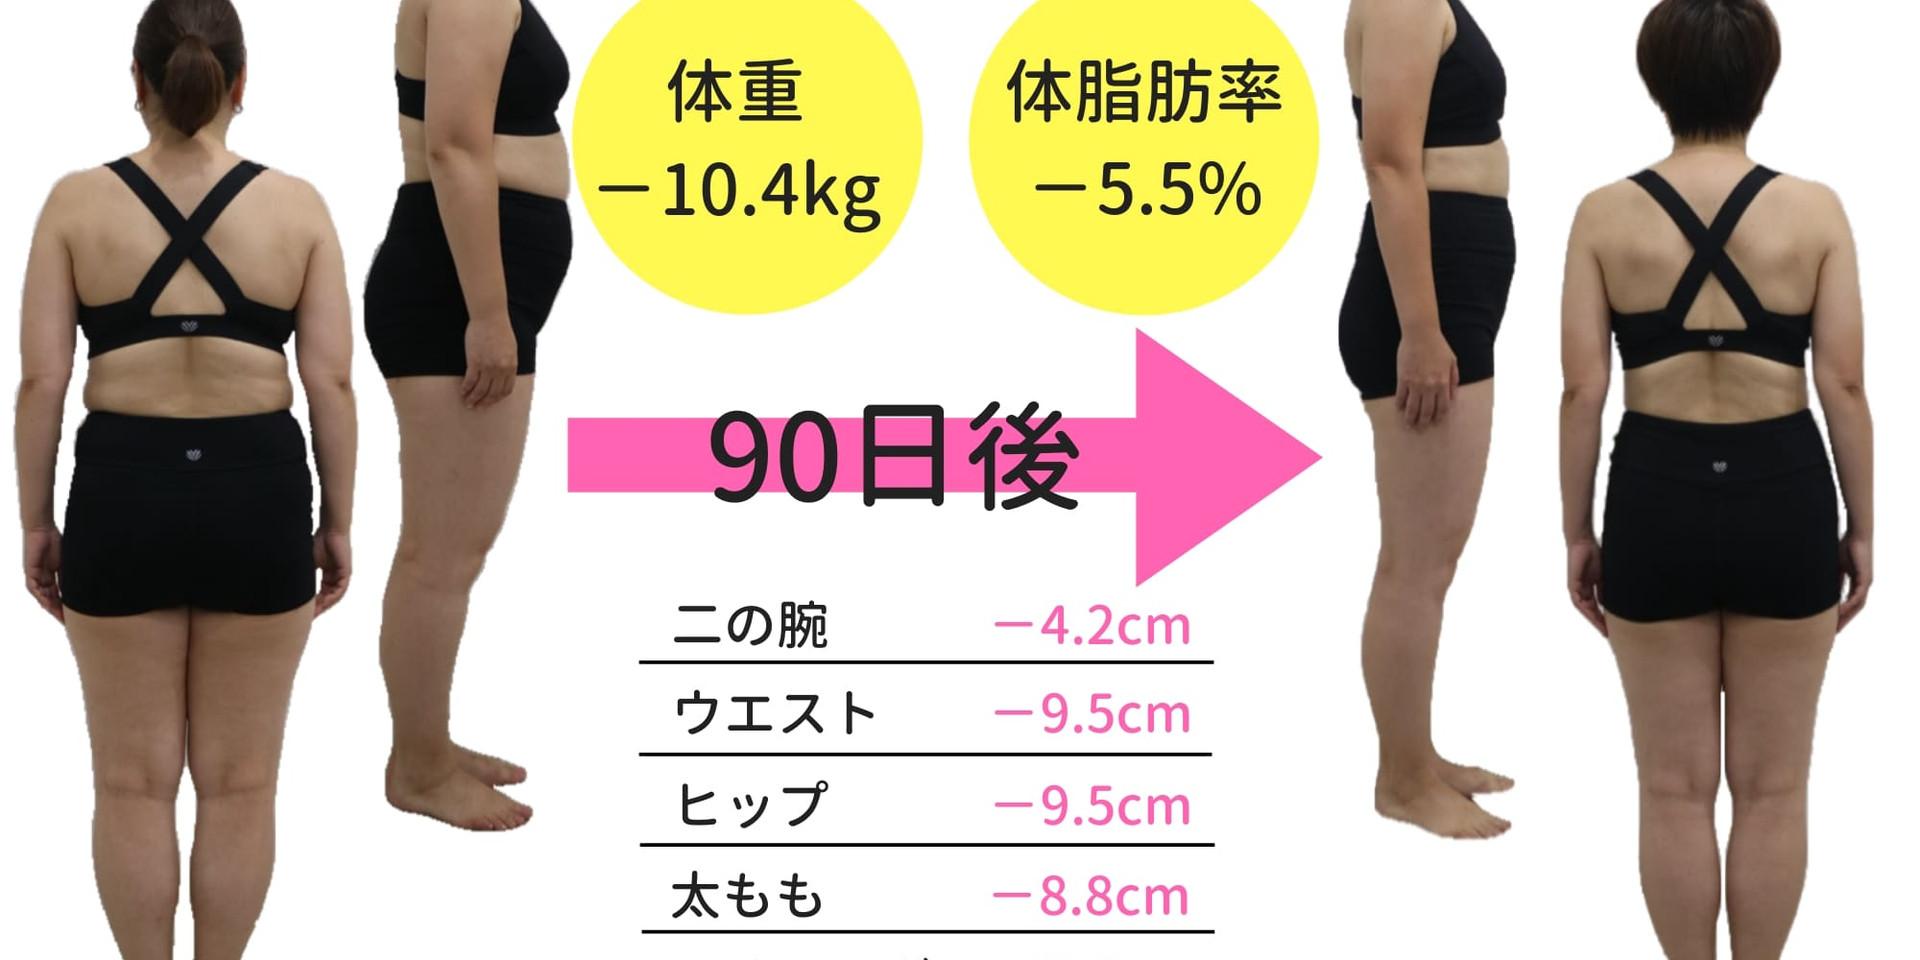 体重マイナス15kgのコピーのコピーのコピー-4-min.jpg